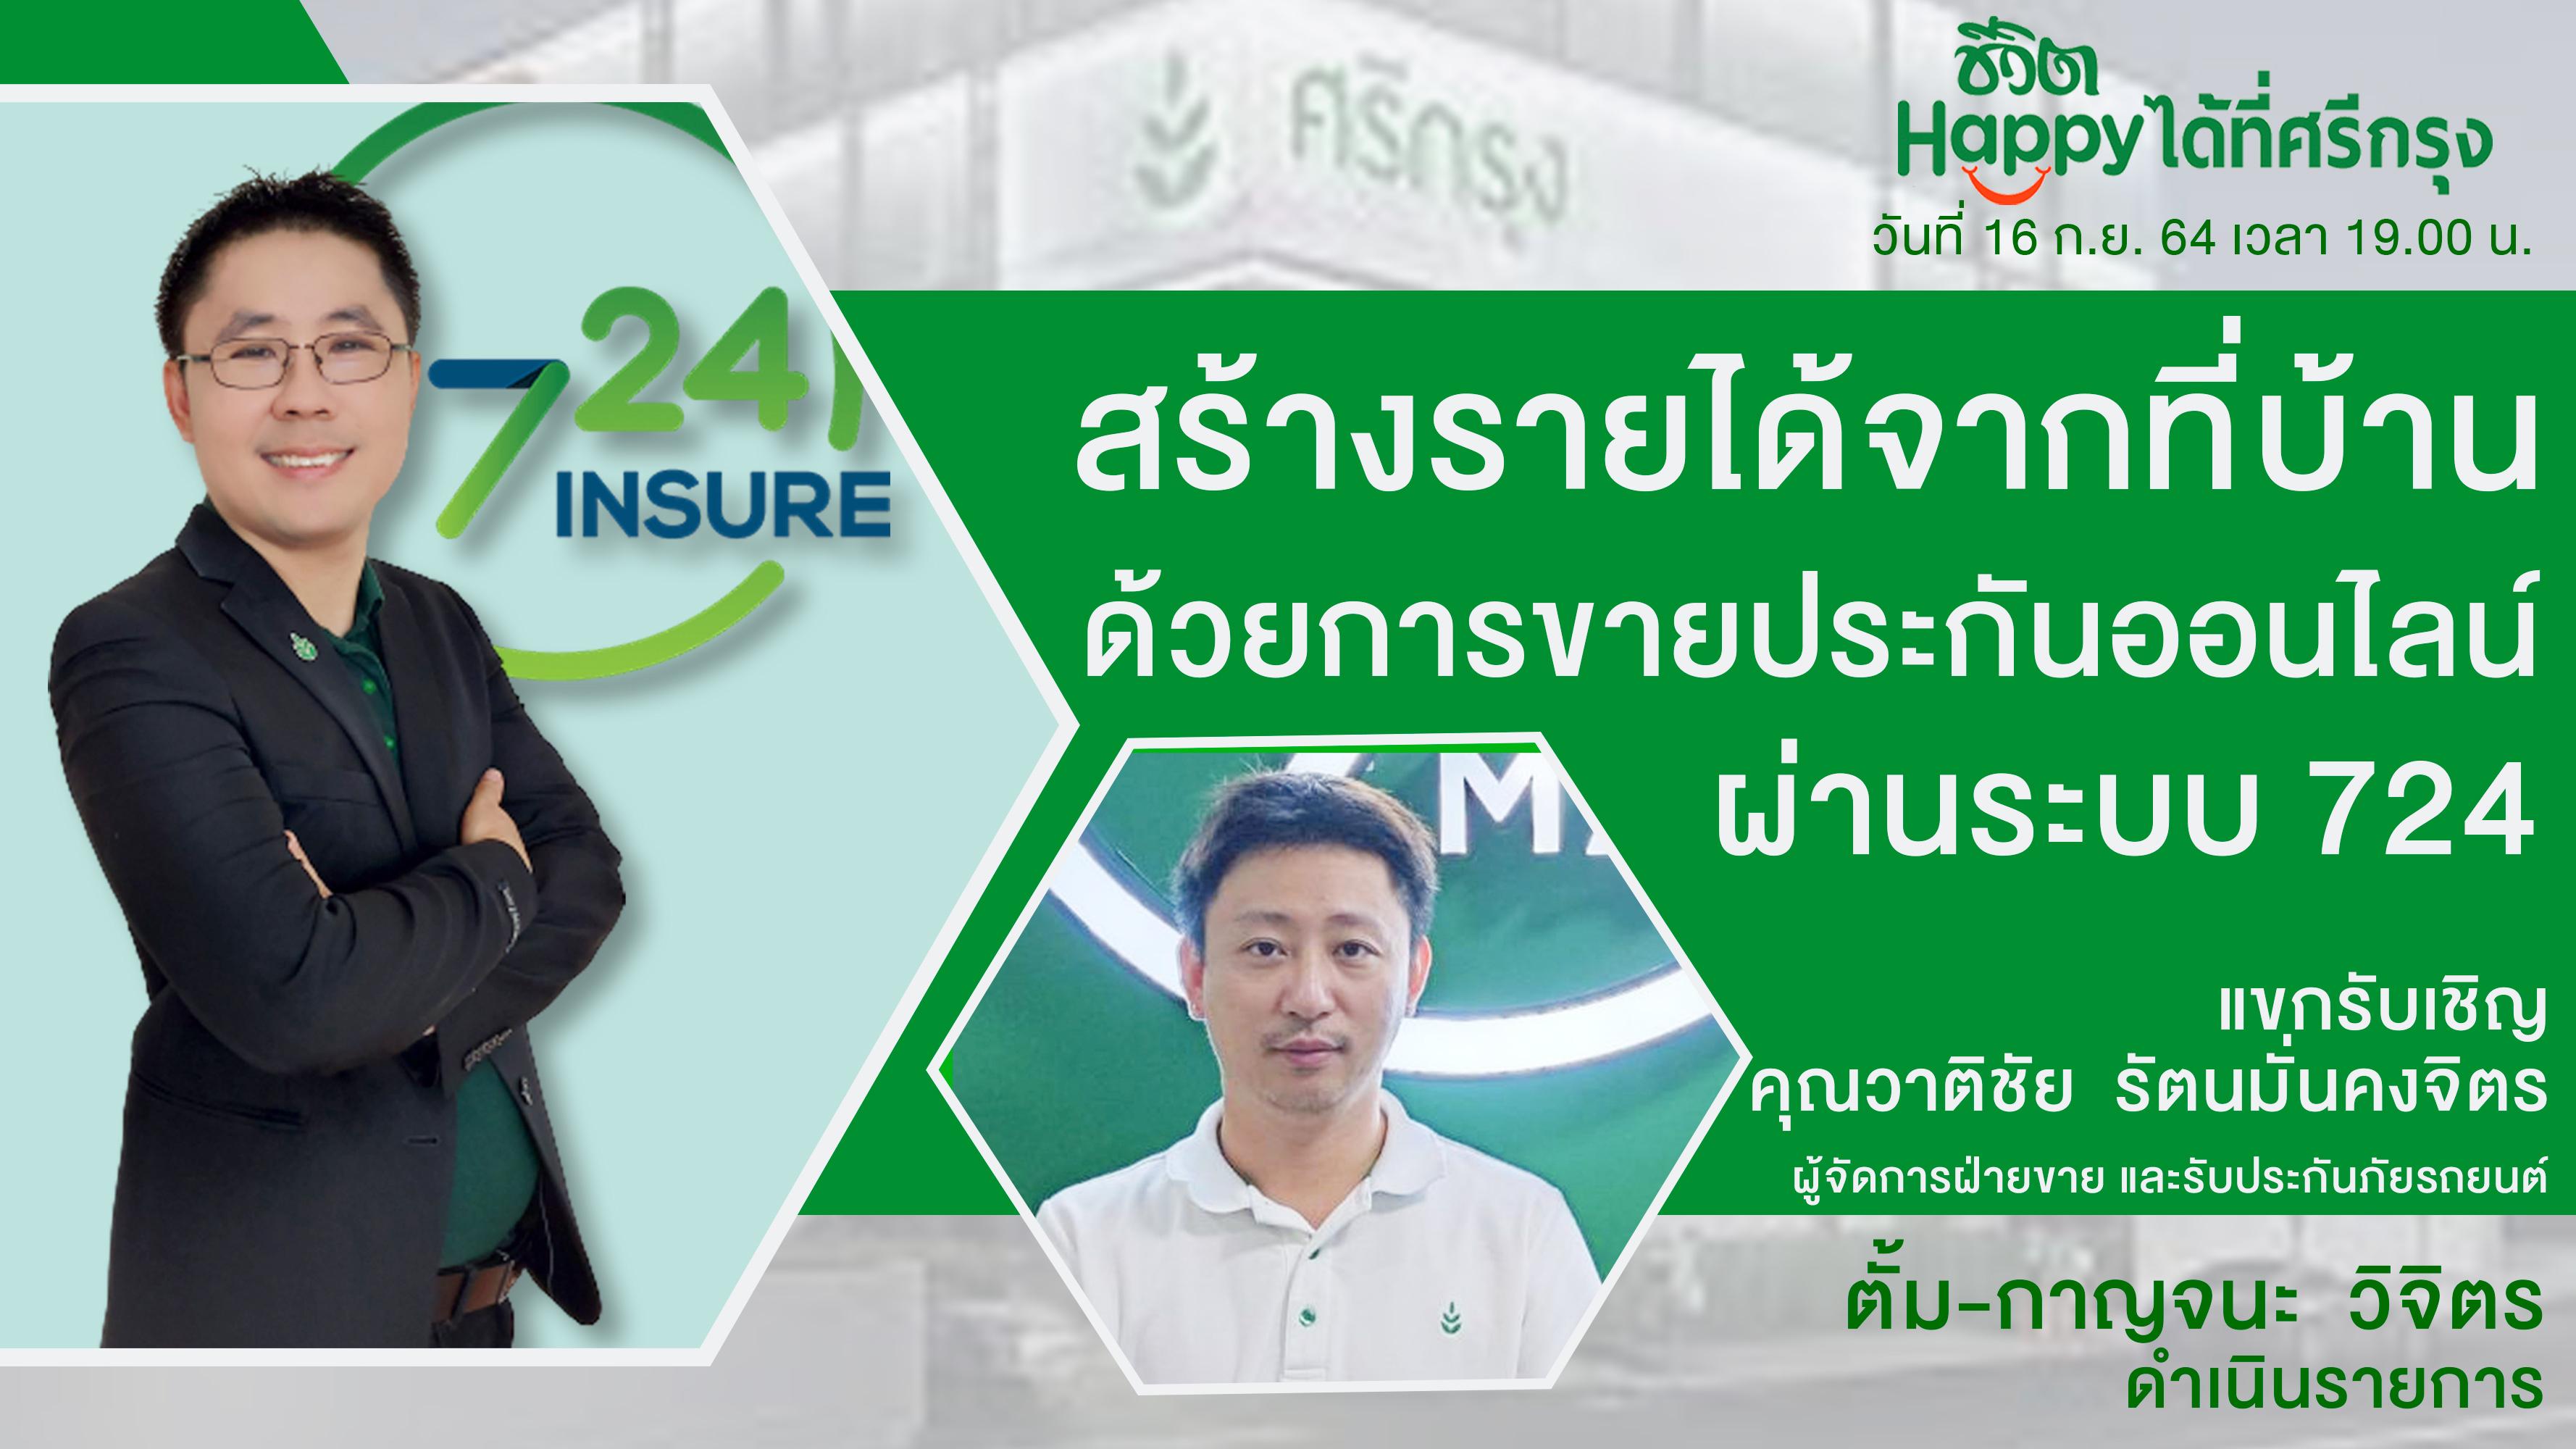 ไอเดียสร้างรายได้จากที่บ้าน ด้วยการขายประกันออนไลน์ กับระบบ 724